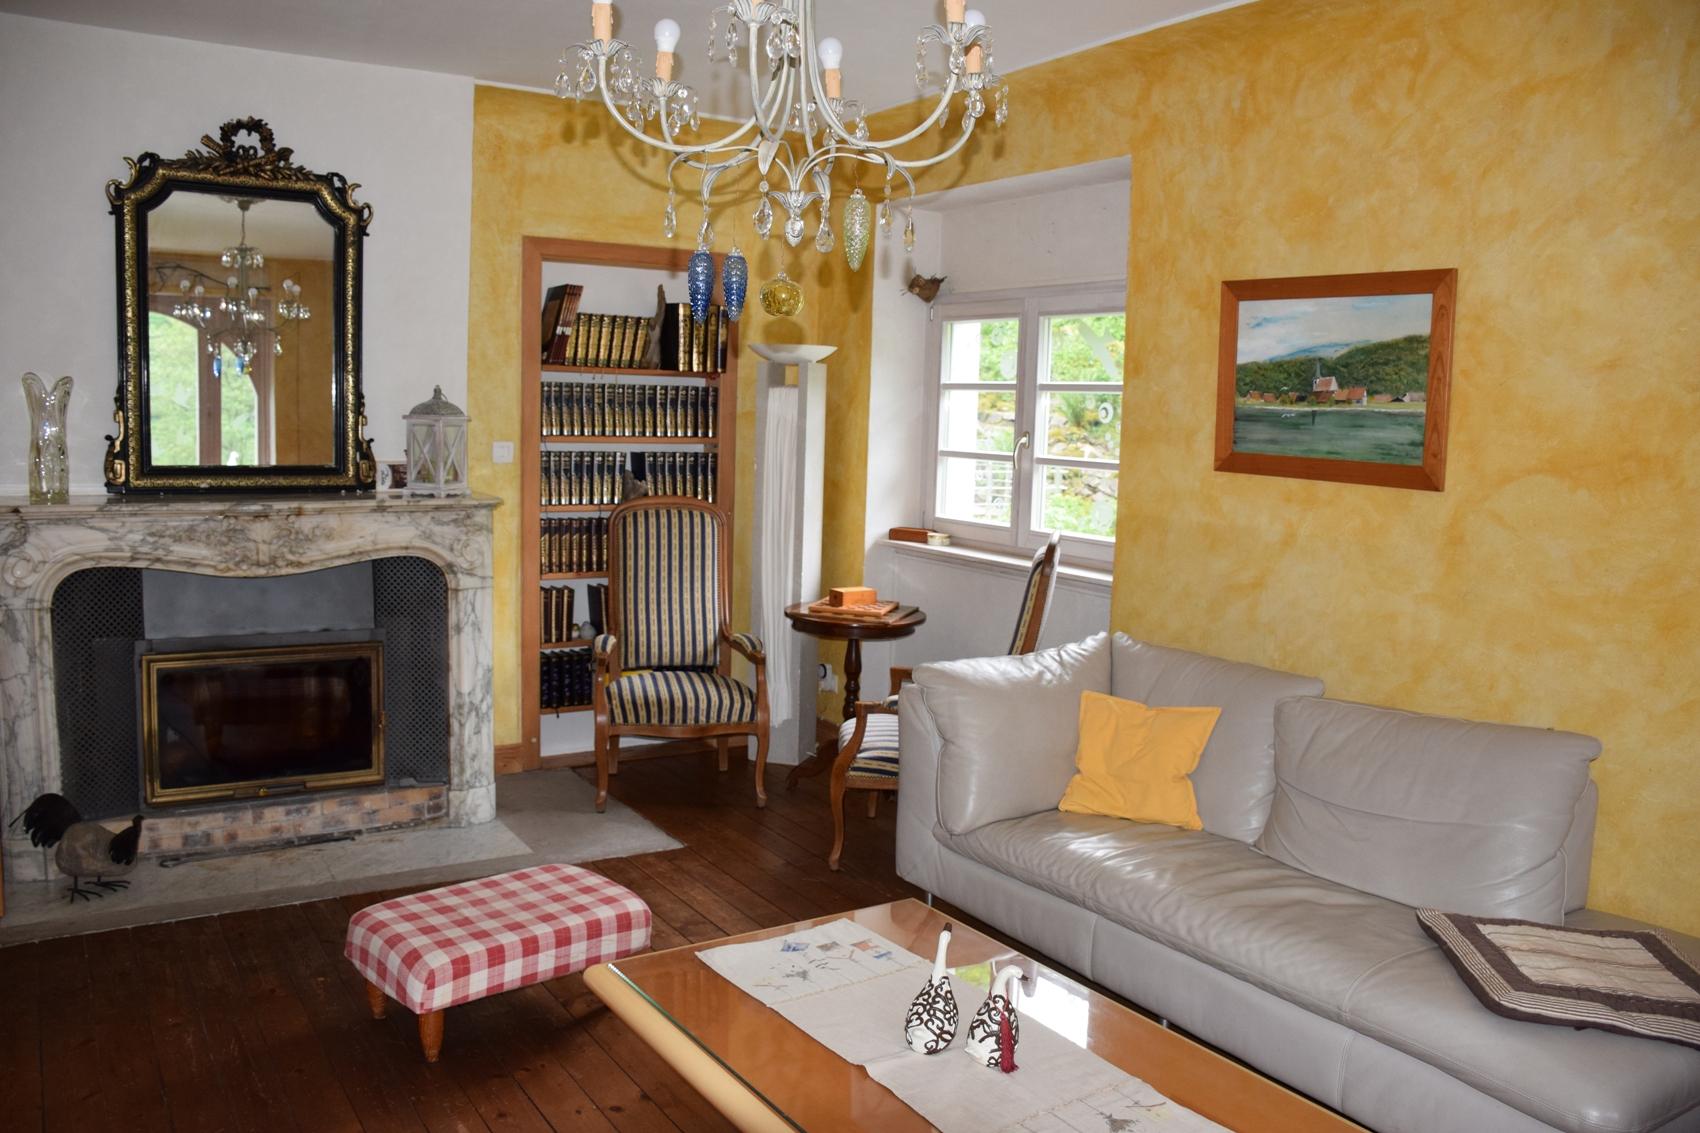 Chambres d'hôtes La Villa du Lac